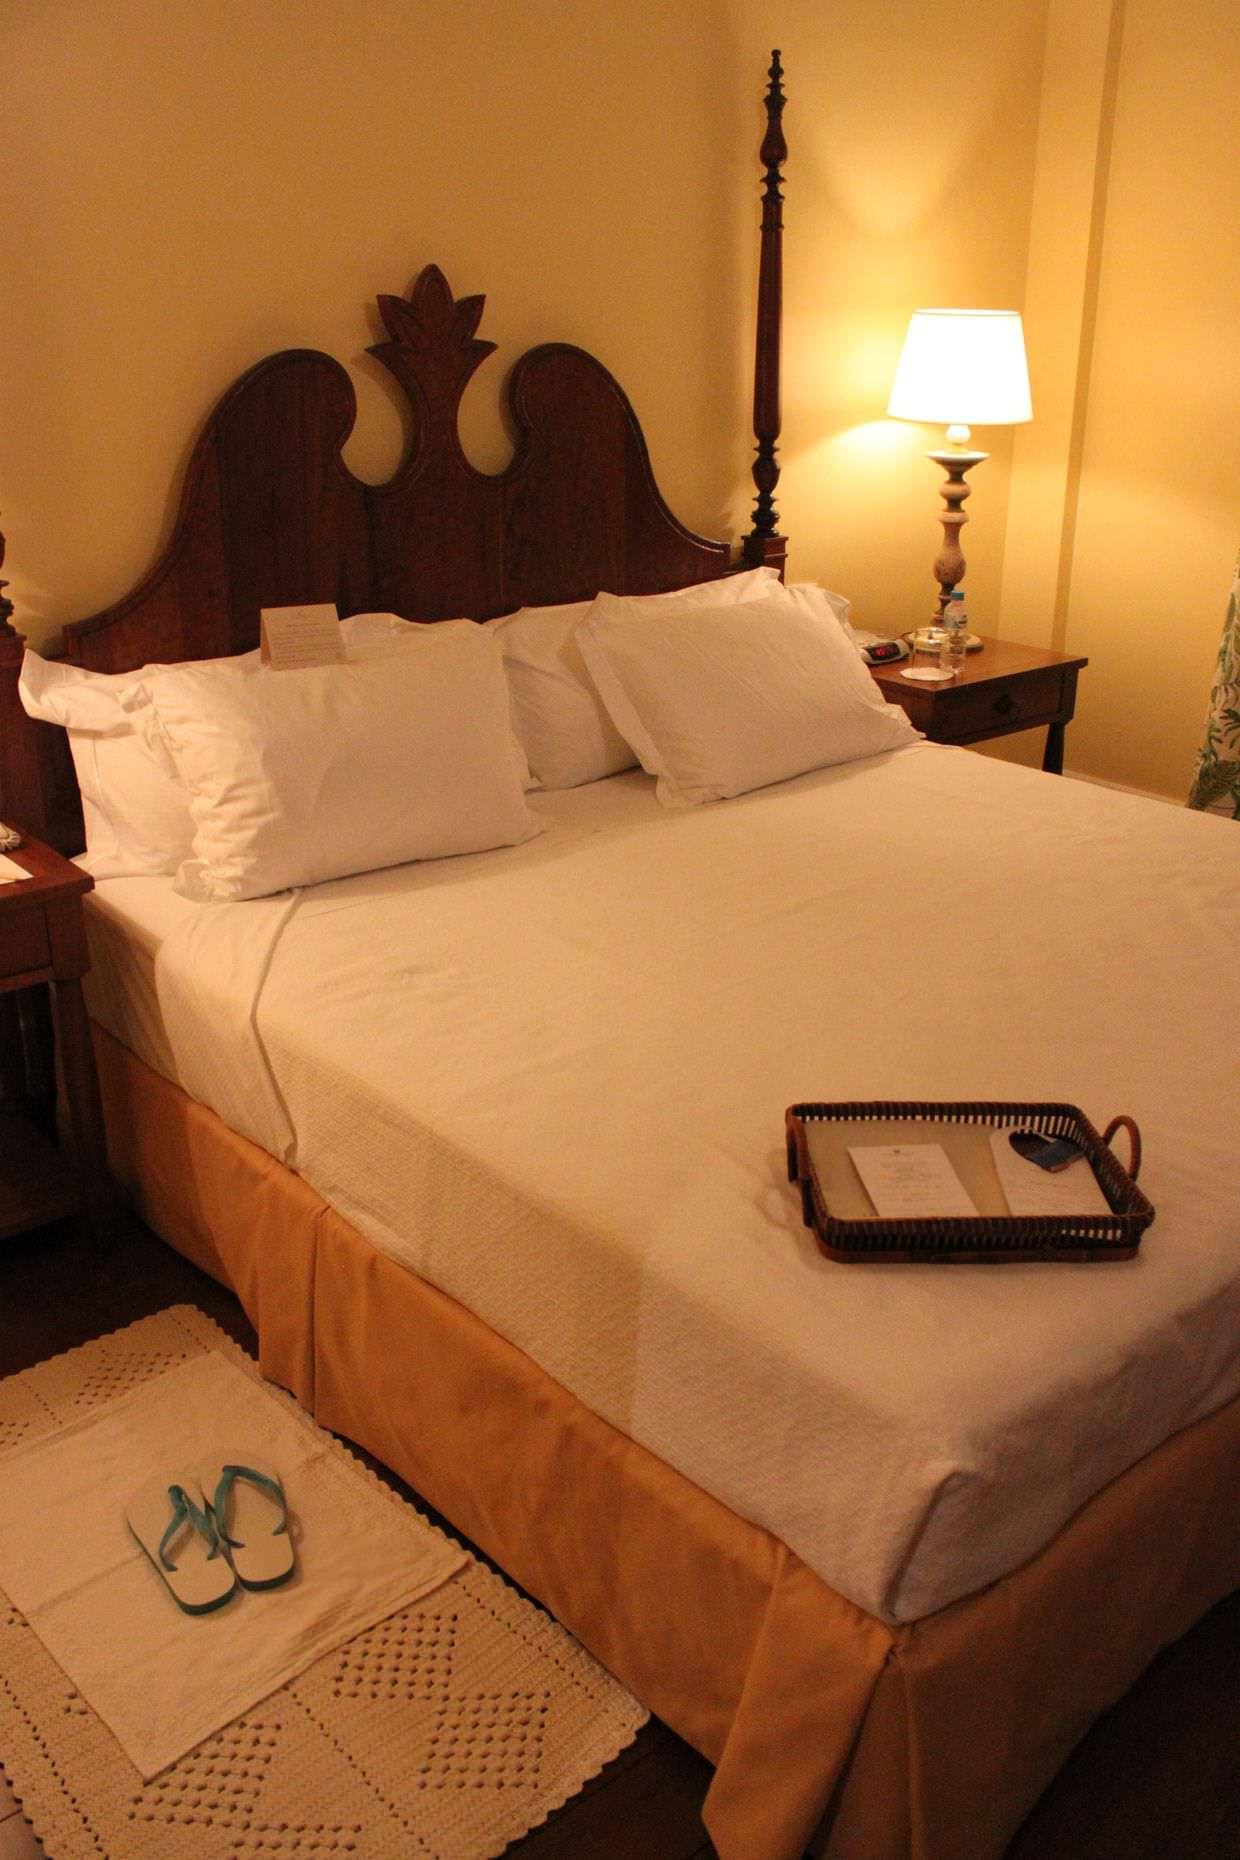 Our room in Hotel Cataratas